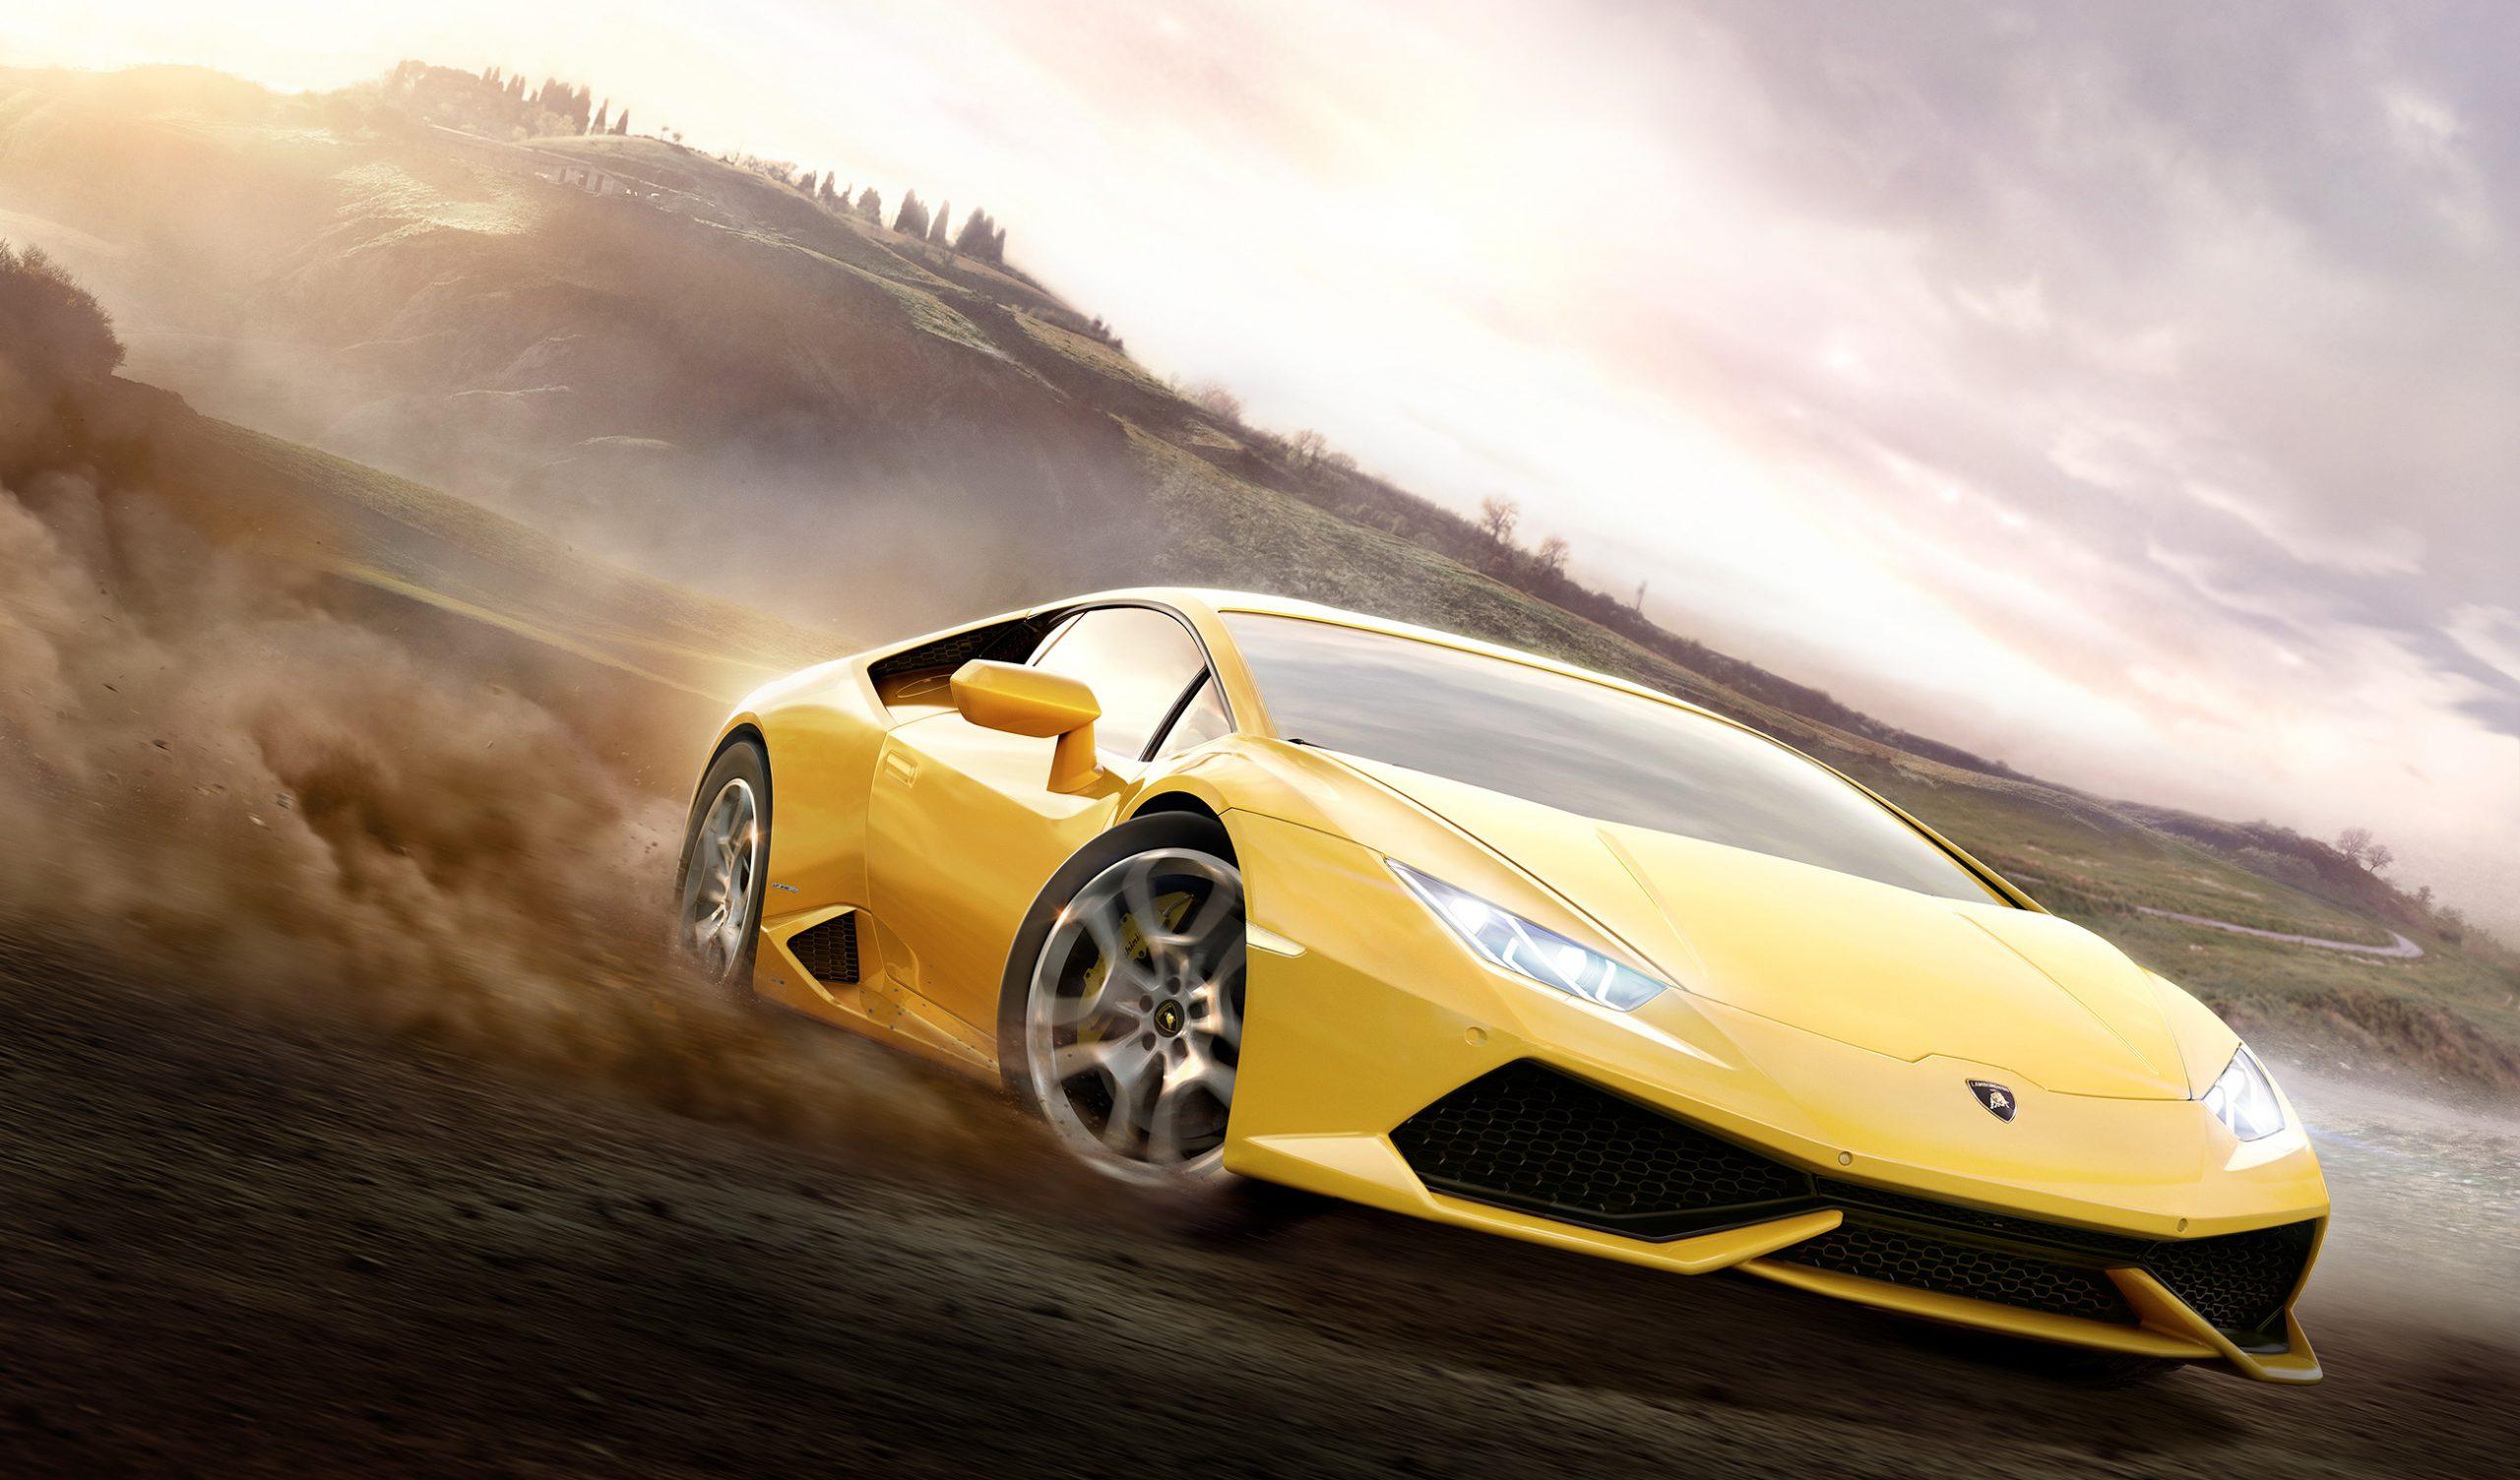 Driveclub Ps4 Vs Forza Horizon 2 Xbox One : Guerre Routière | à Jeux De Parcours De Voiture